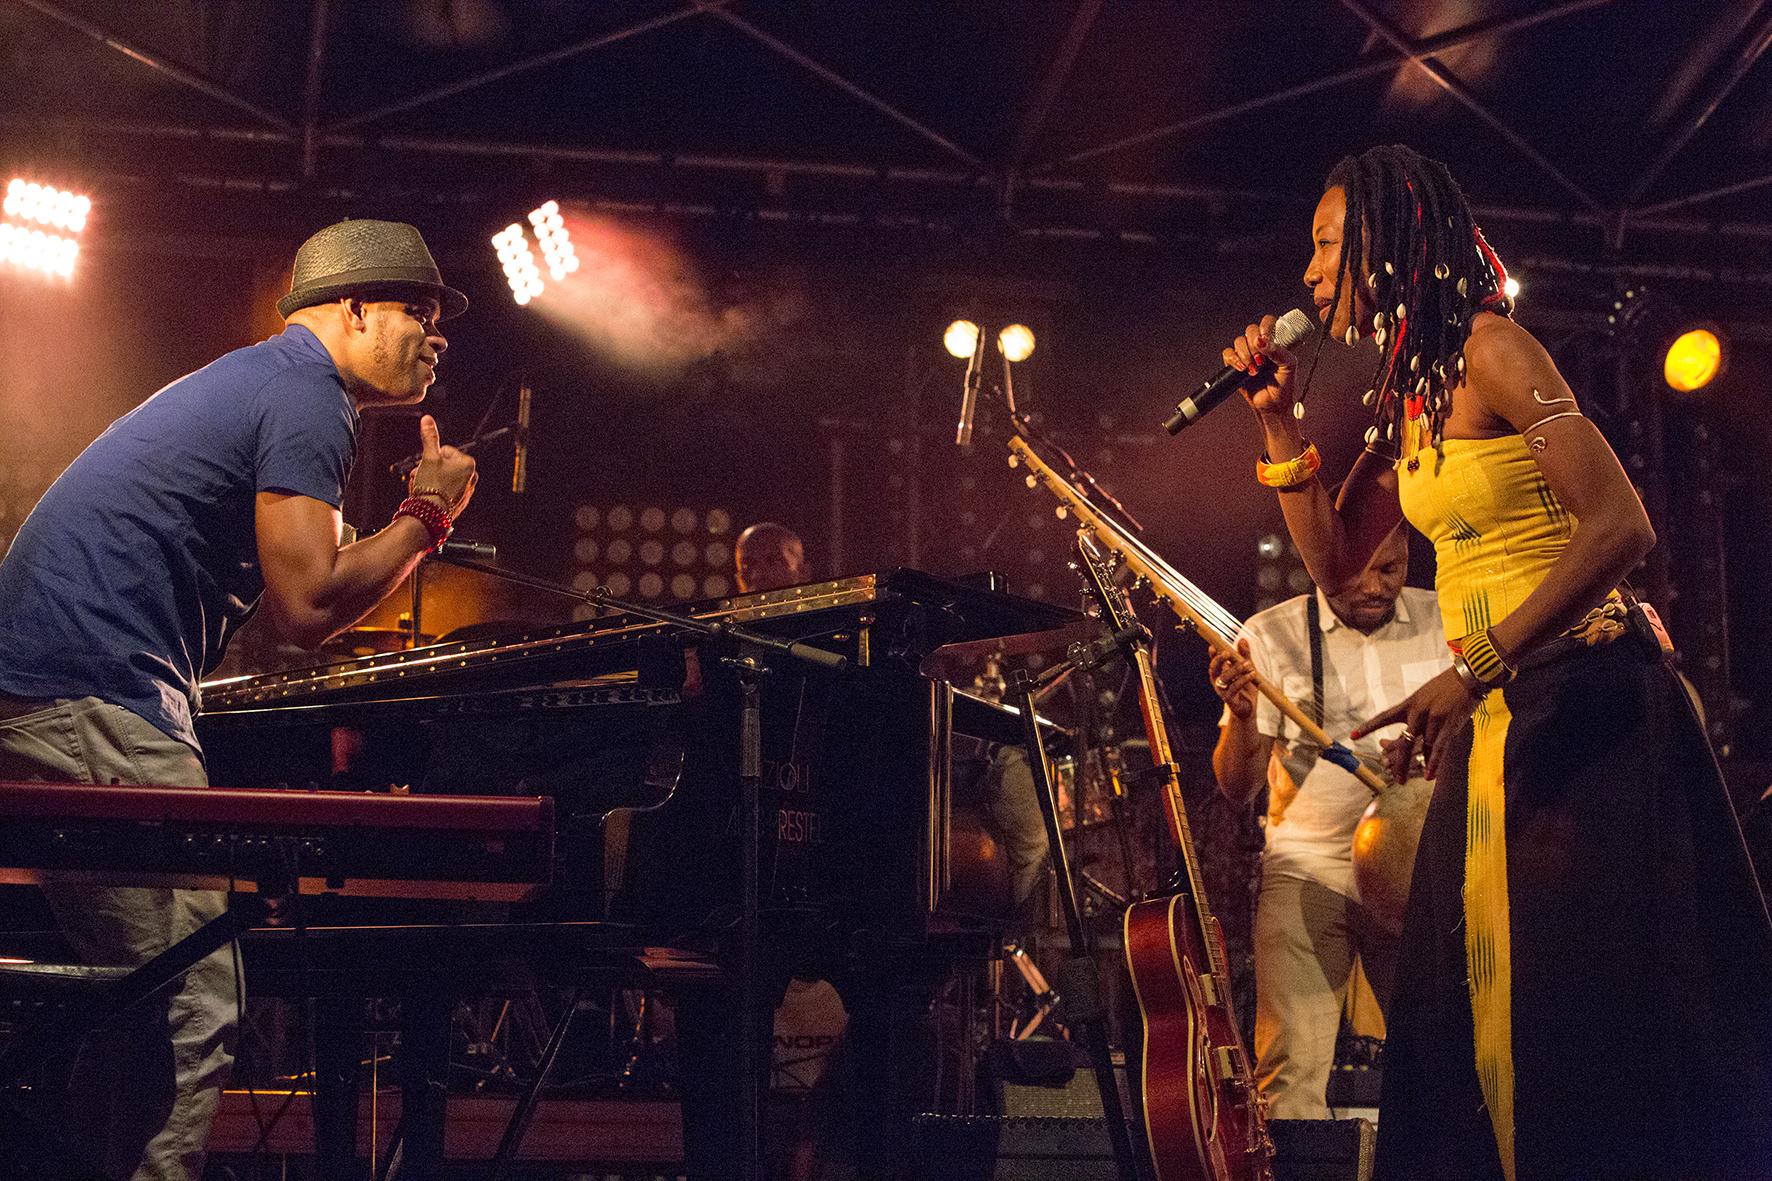 portraits-festival-au grès-du jazz-la-petite-pierre-2014-marie-colette-becker-20